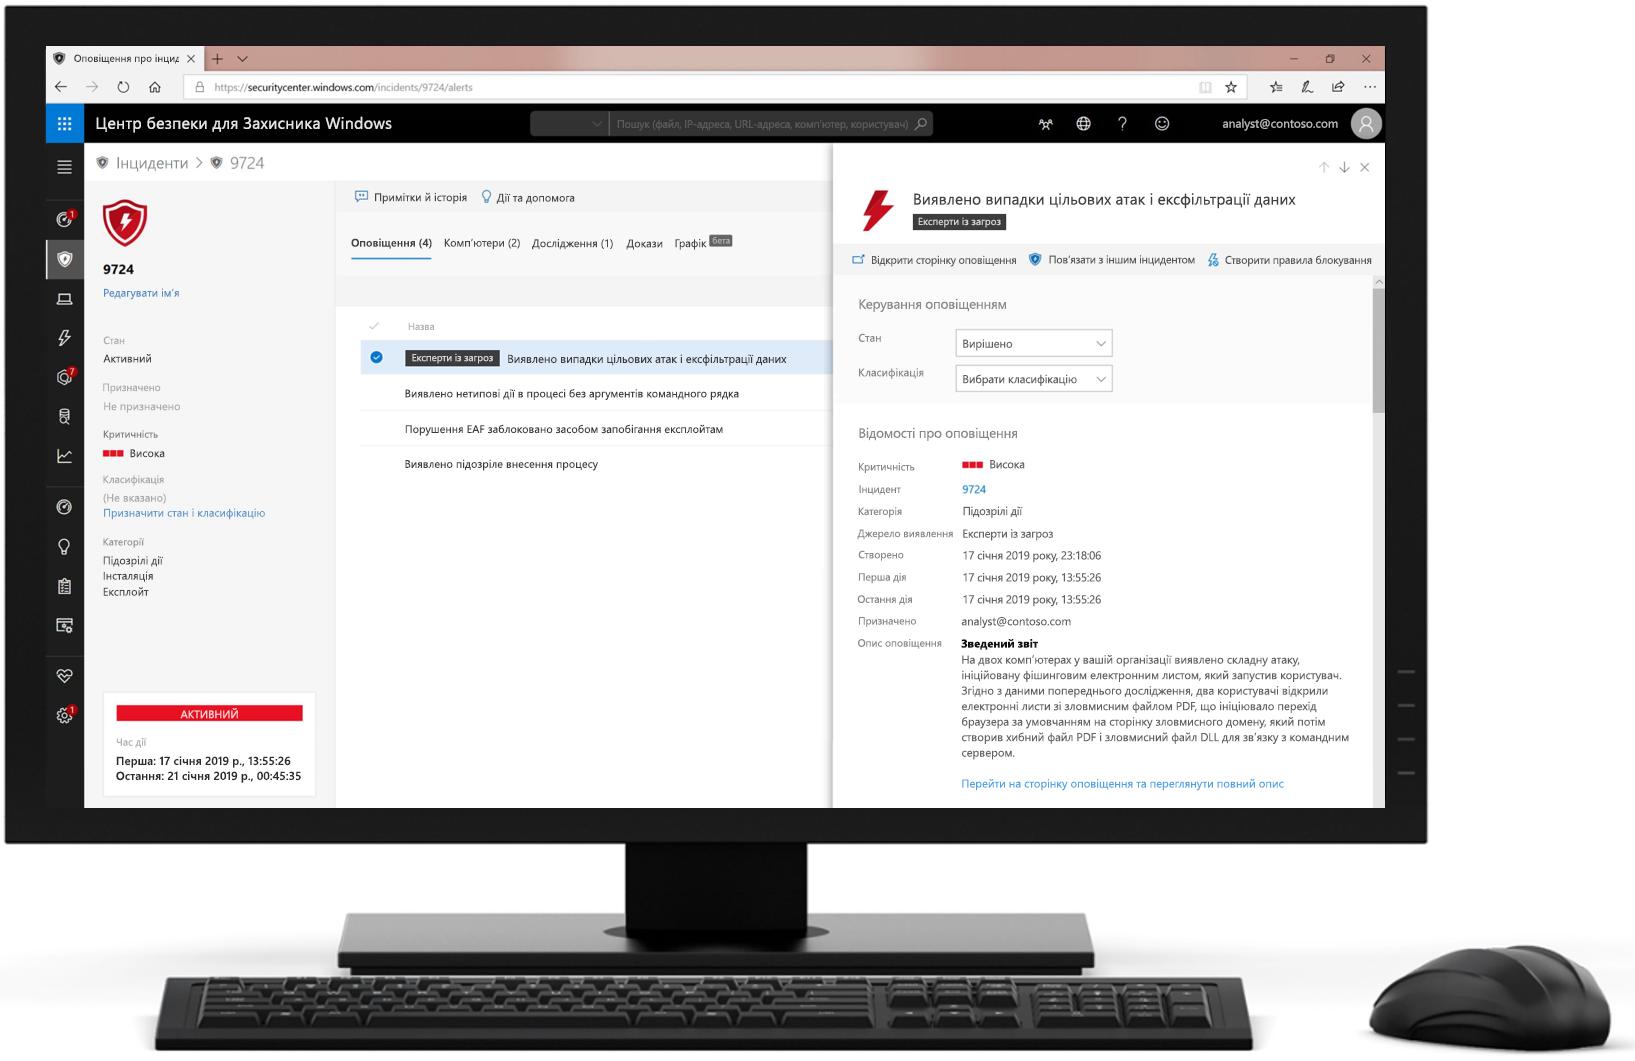 """Зображення комп'ютера, на екрані якого показаний """"Центр безпеки для Захисника Windows""""."""